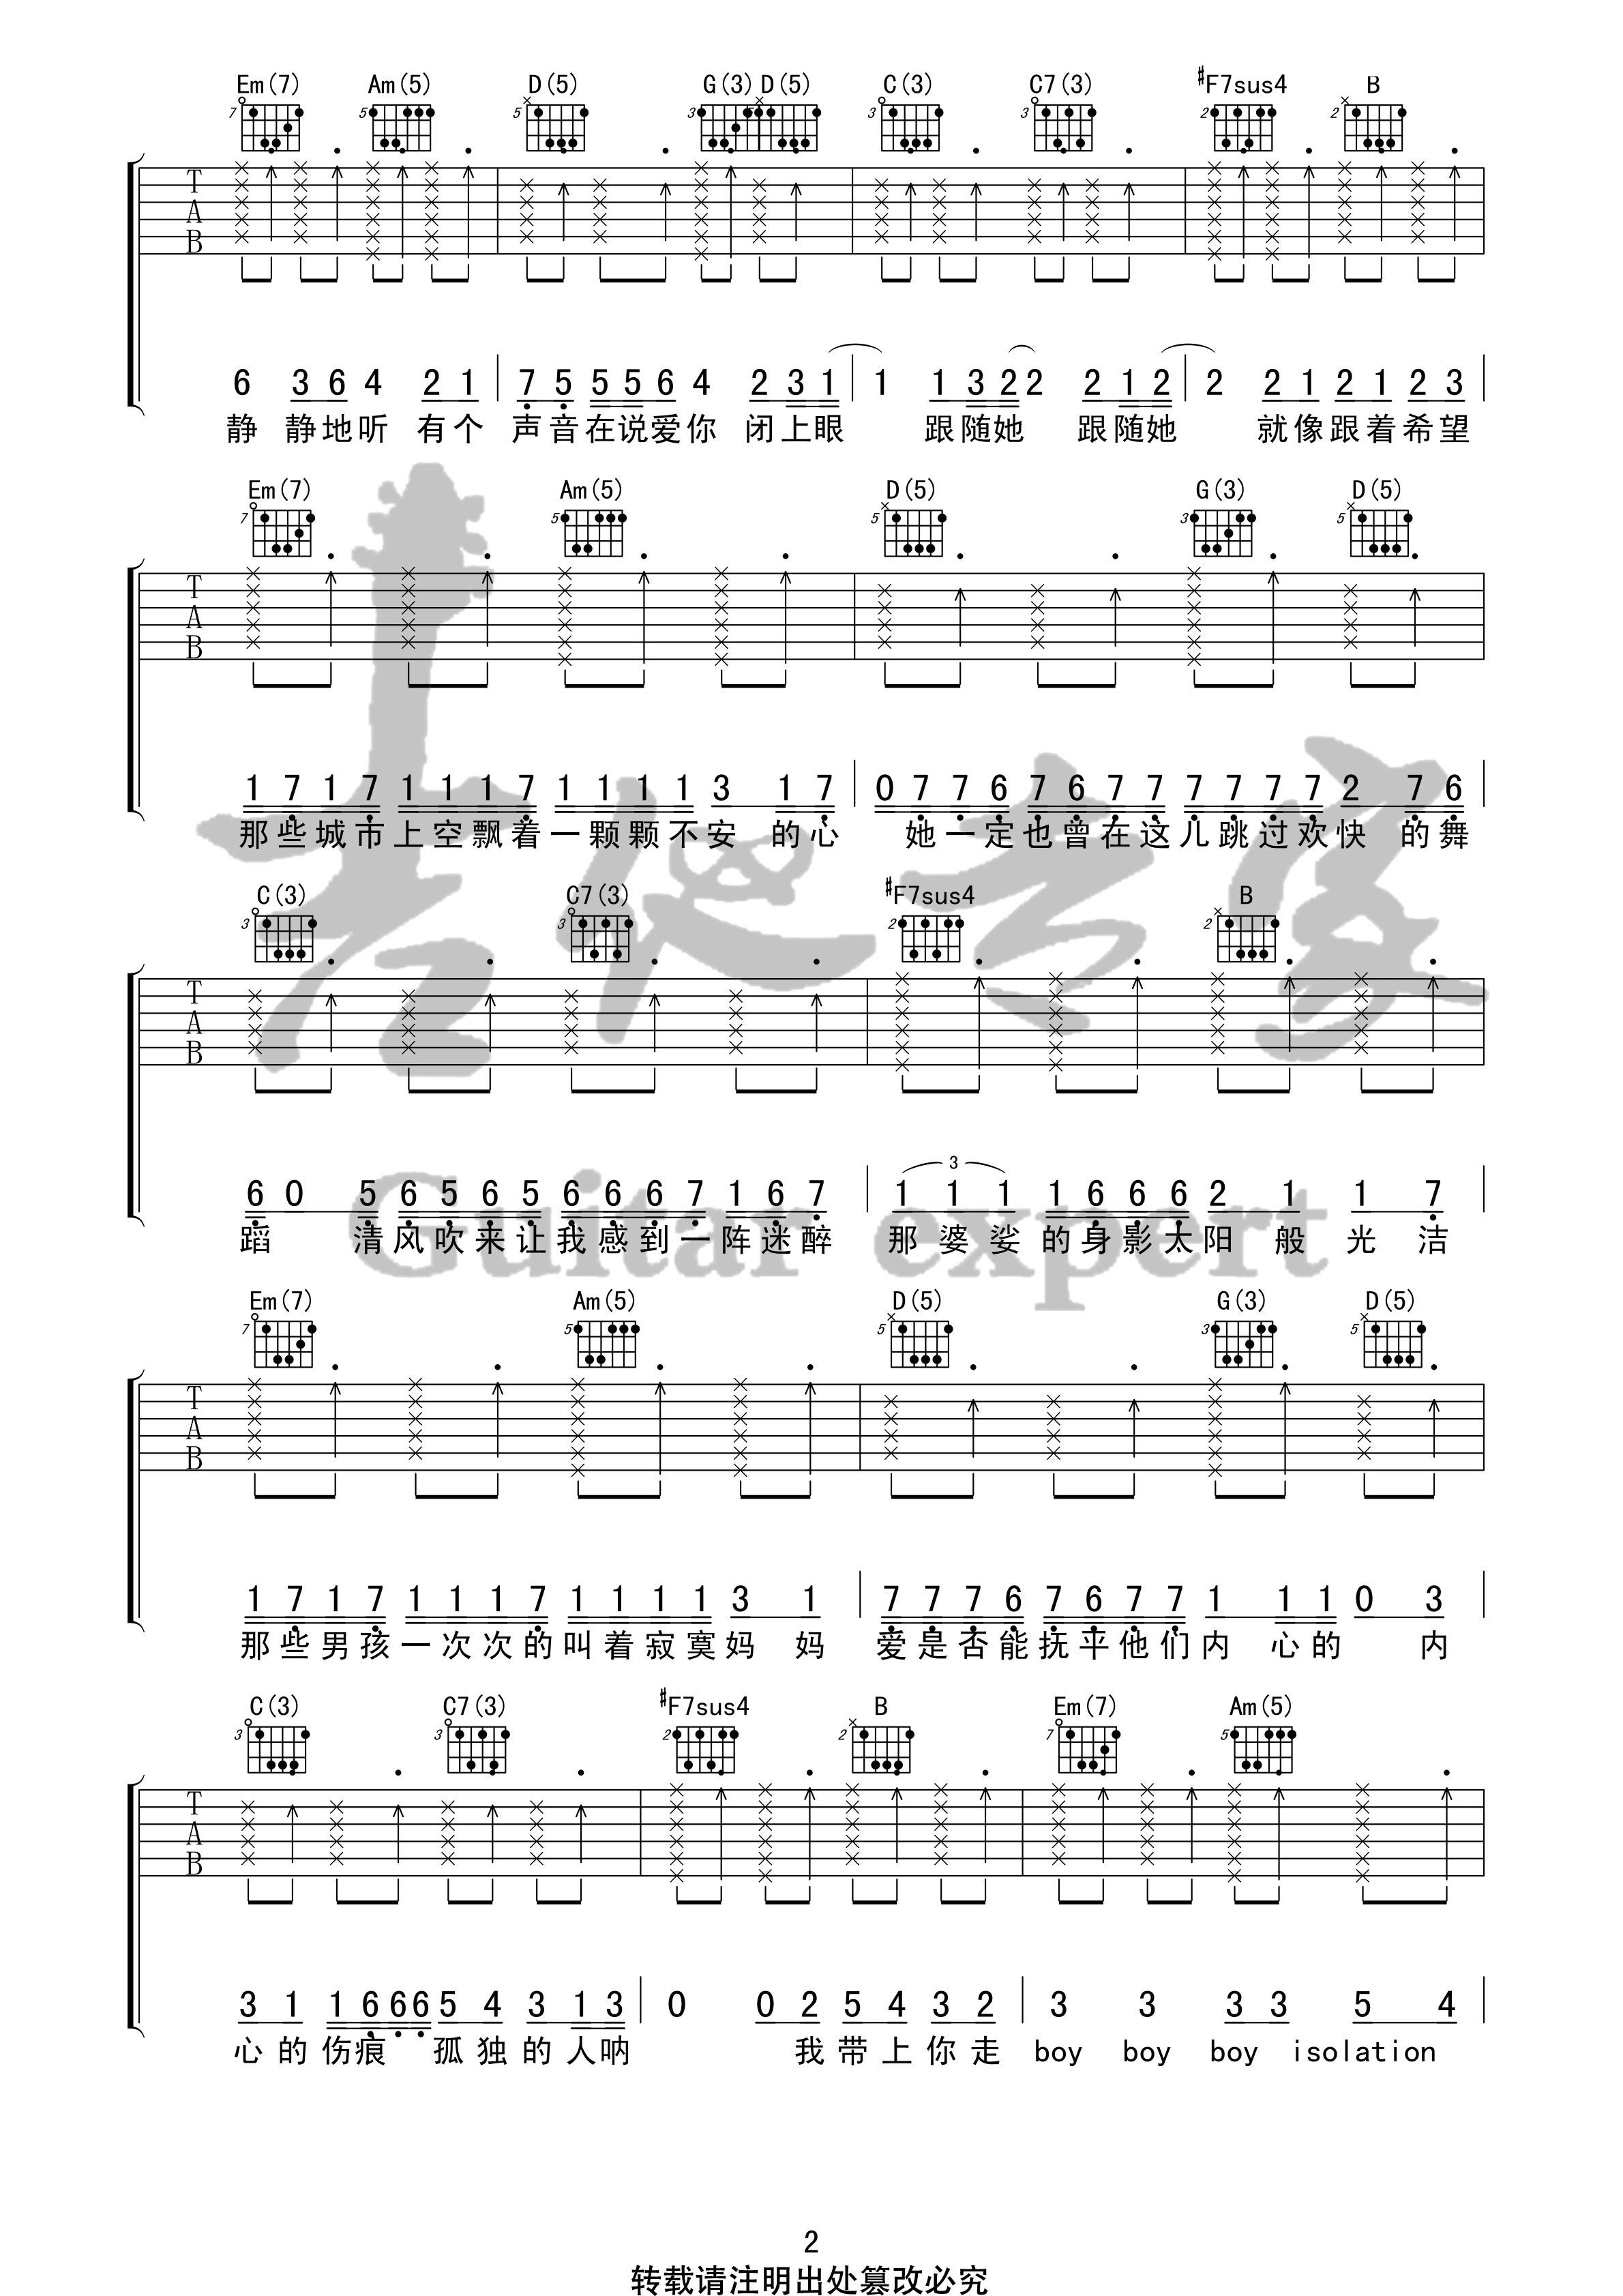 男孩别哭(音艺吉他专家弹唱教学:第二季第1集)吉他谱(图片谱,弹唱,伴奏,教程)_海龟先生_男孩别哭2 第二季第一期.jpg